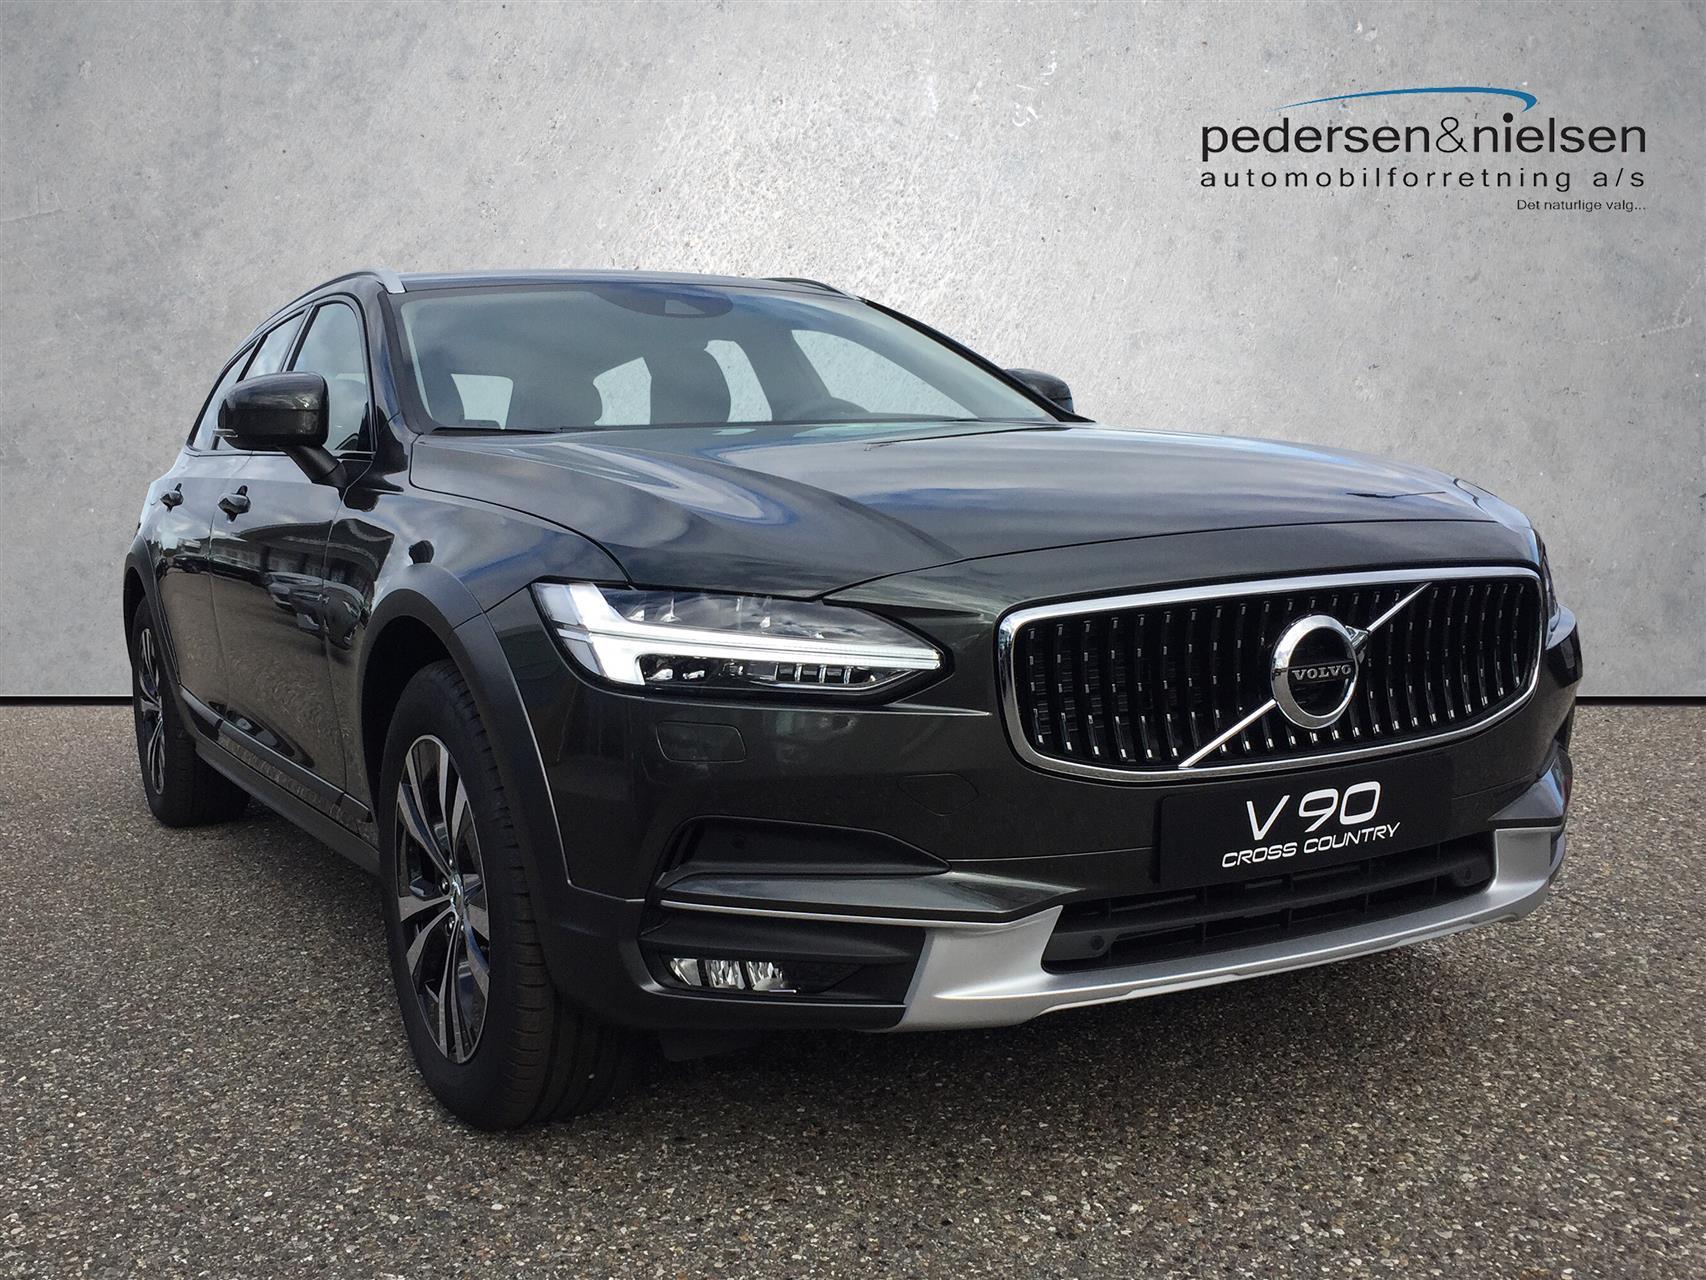 Billede af Volvo V90 Cross Country 2,0 D4 AWD 190HK Van 8g Aut.